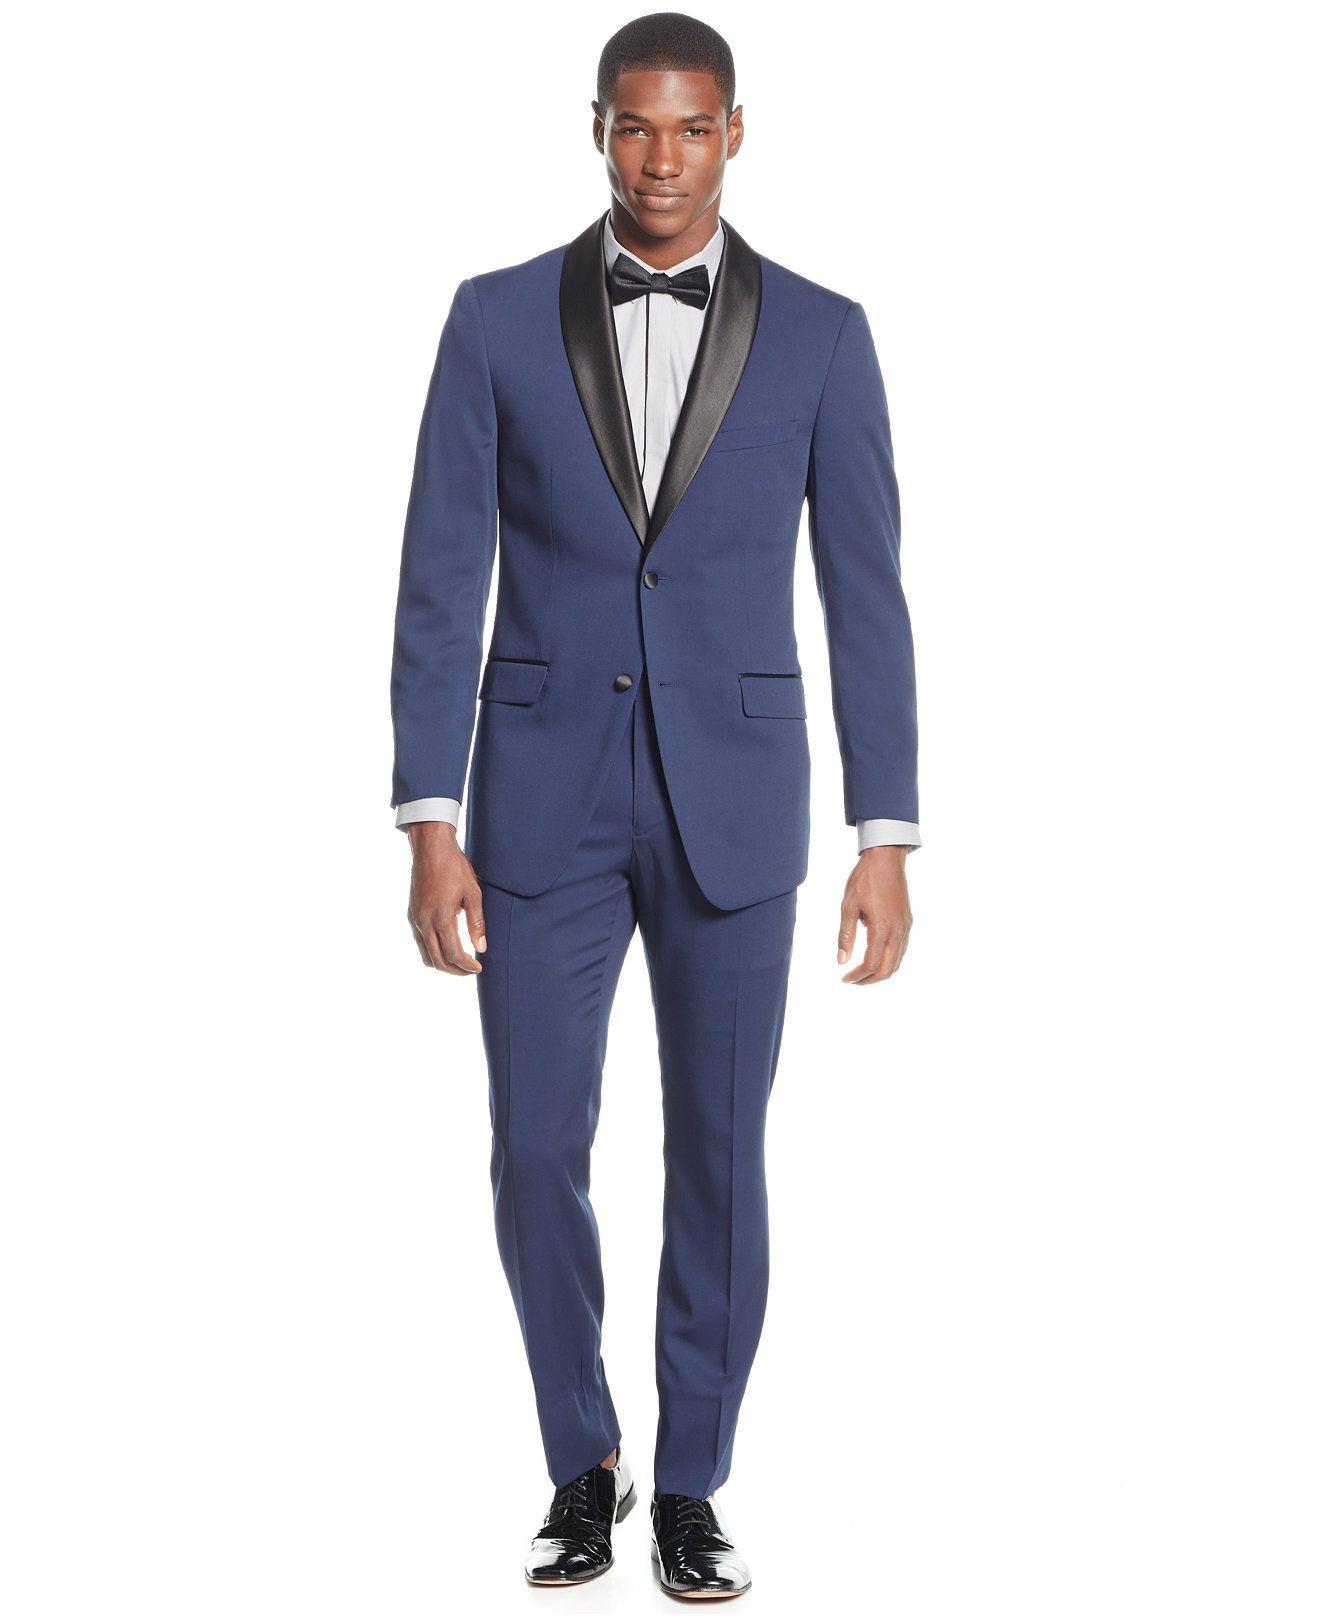 Perry Ellis Portfolio Slim-Fit Solid Navy Tuxedo | Slim fit tuxedo ...